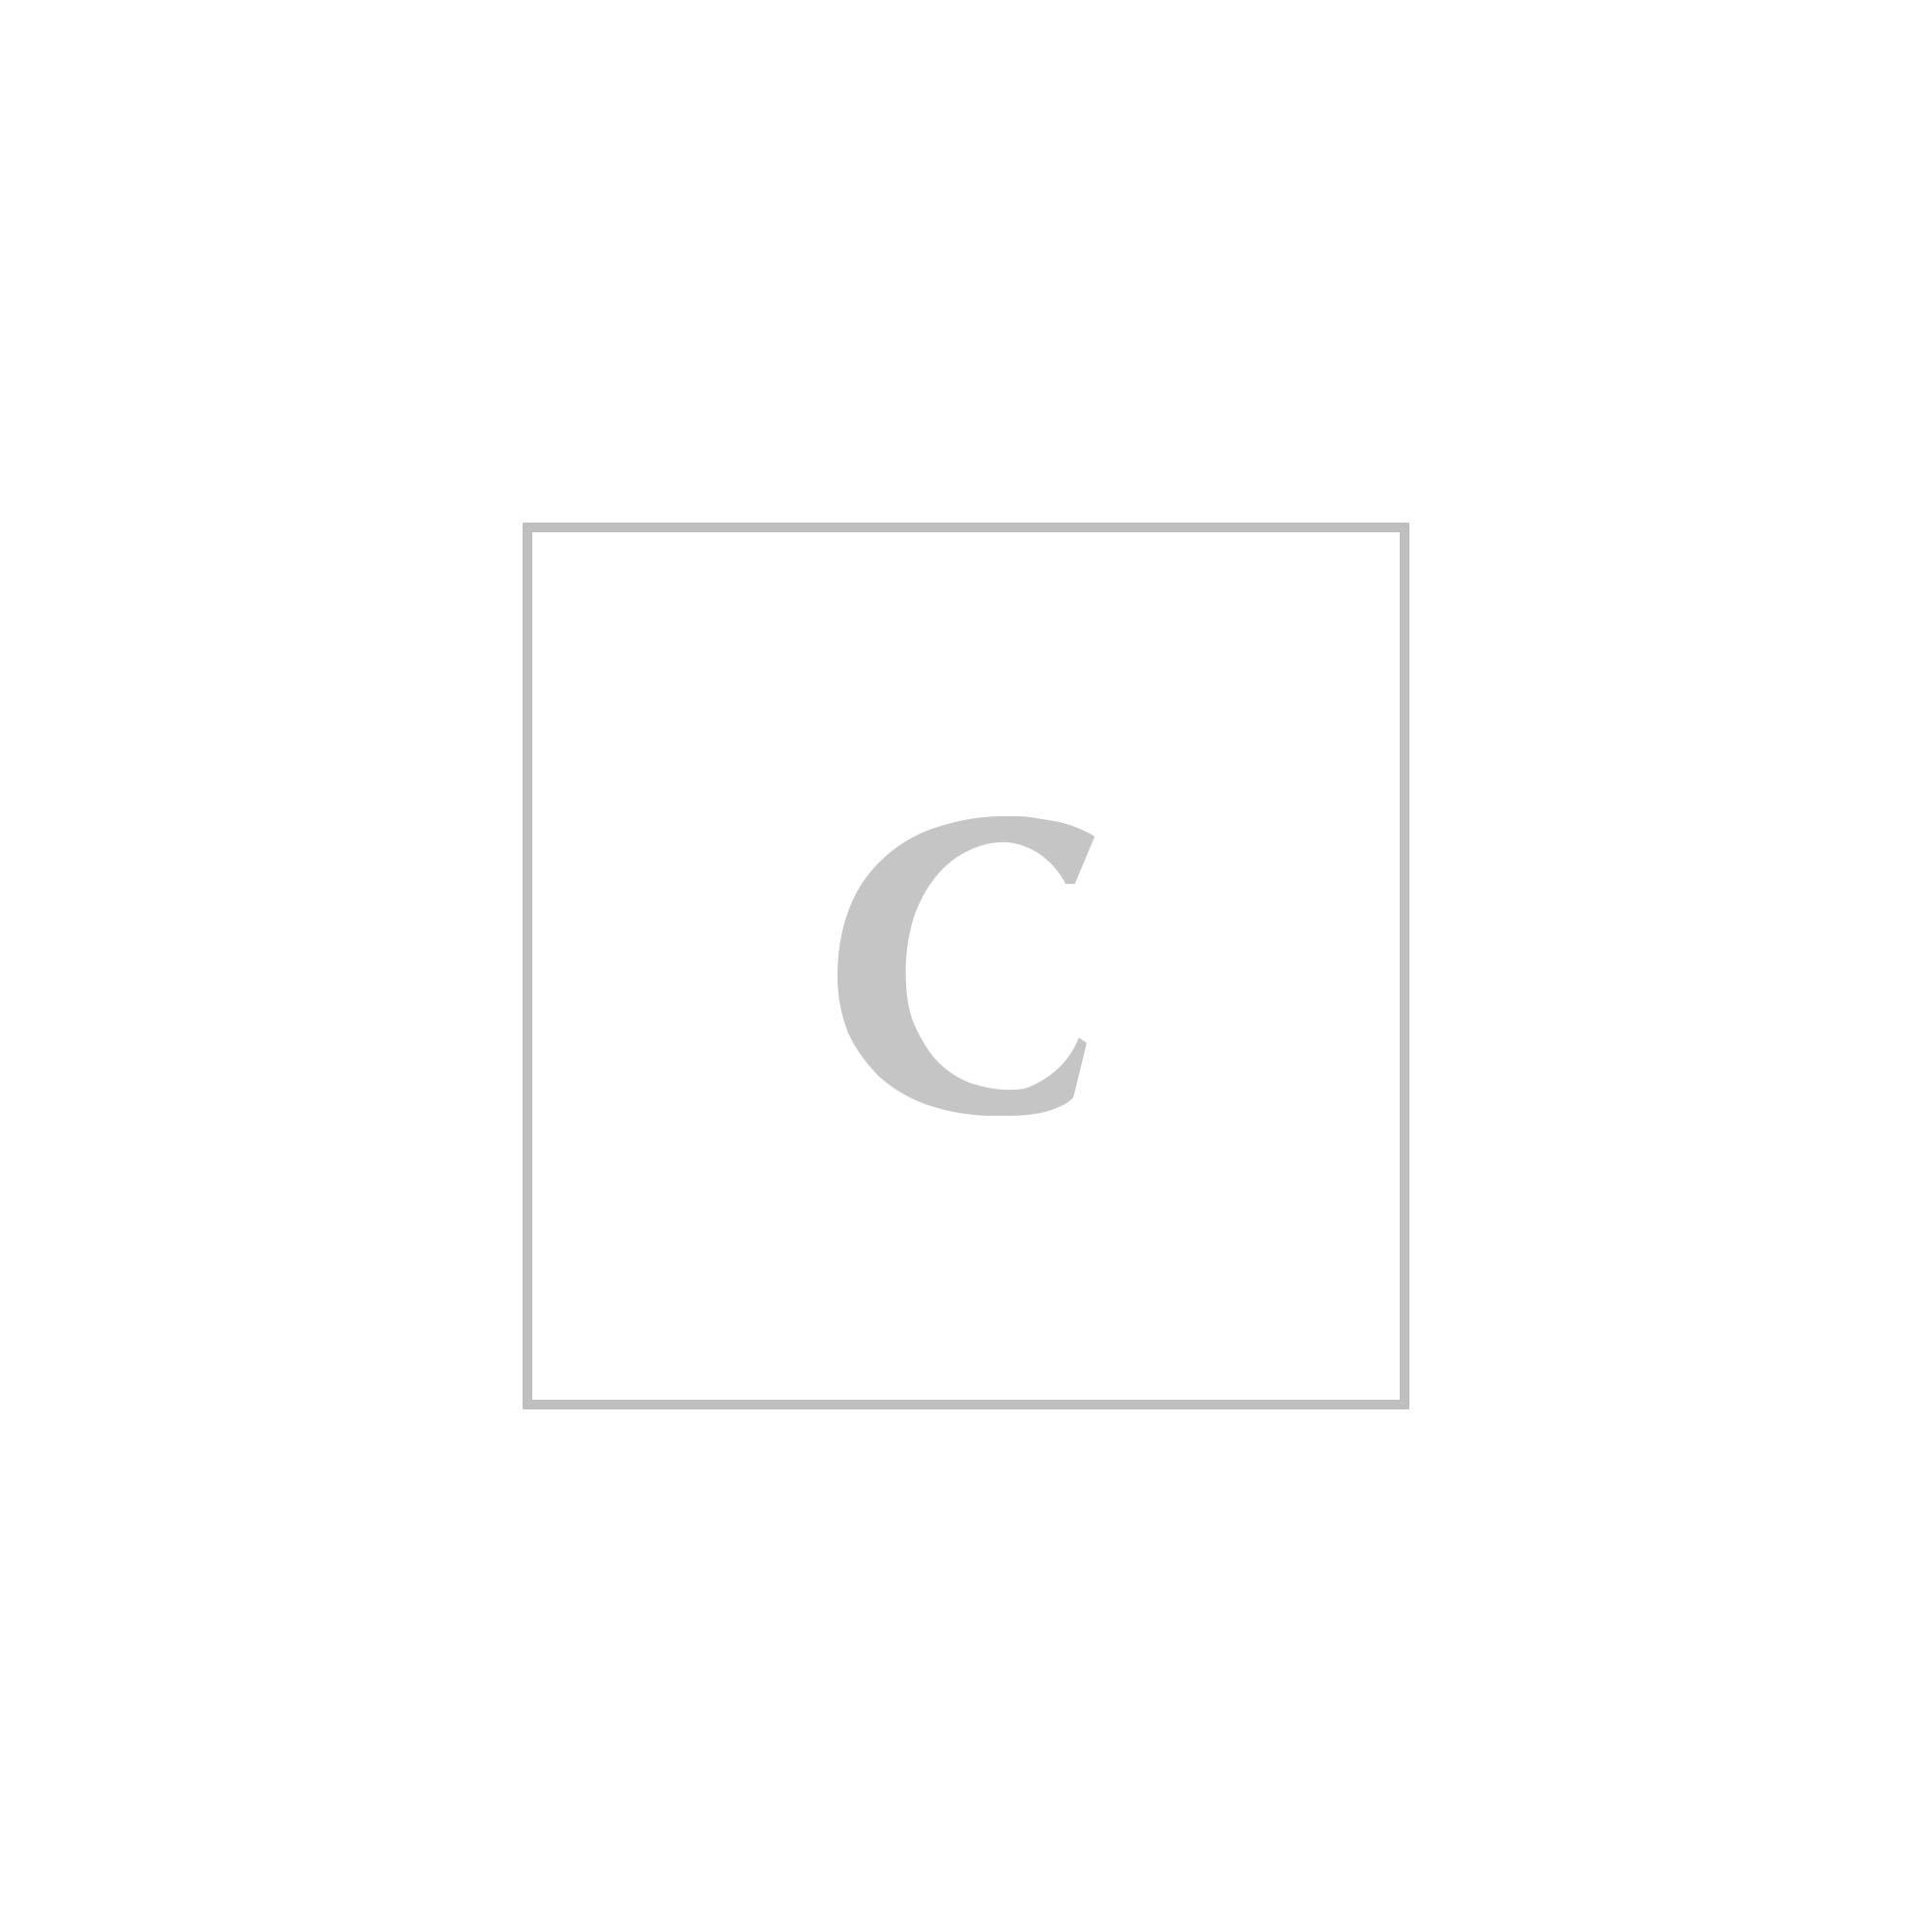 stella mccartney accessories women document case